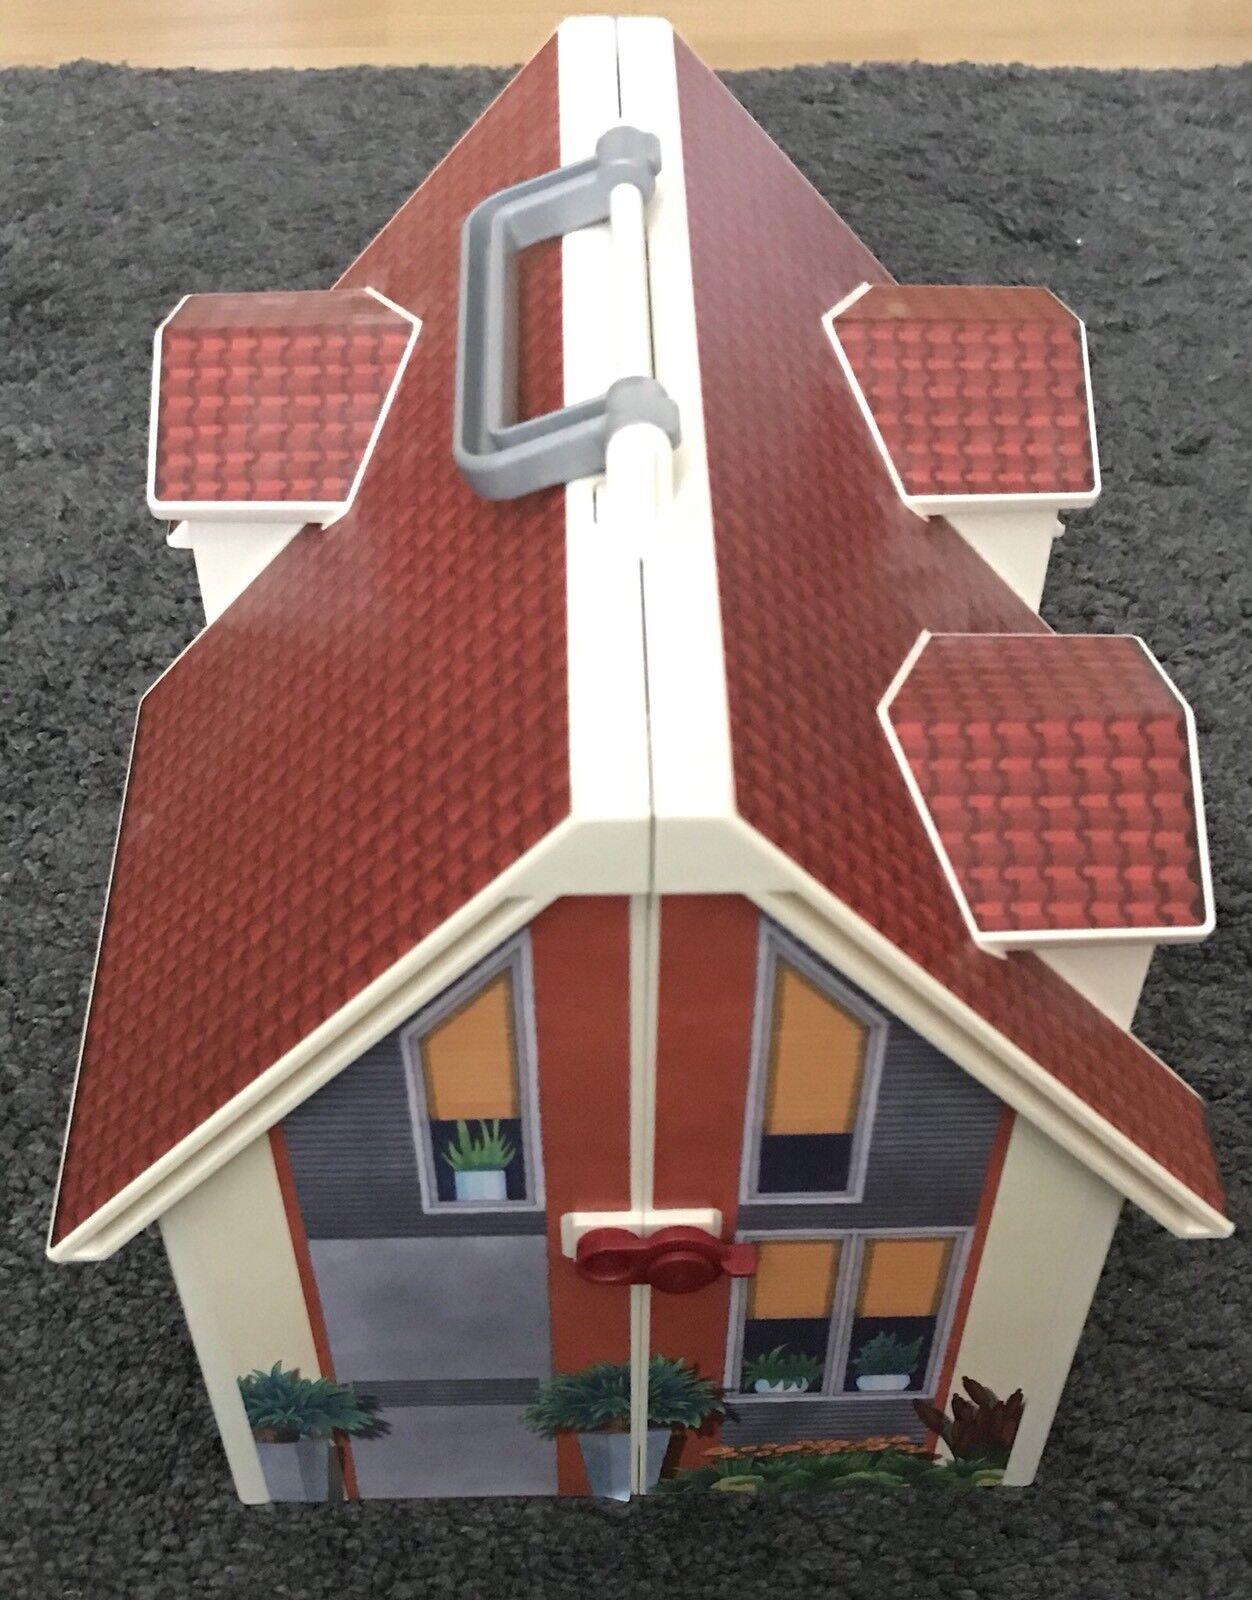 PLAYMOBIL 5167 Modernes Puppenhaus Mitnehmen | EBay